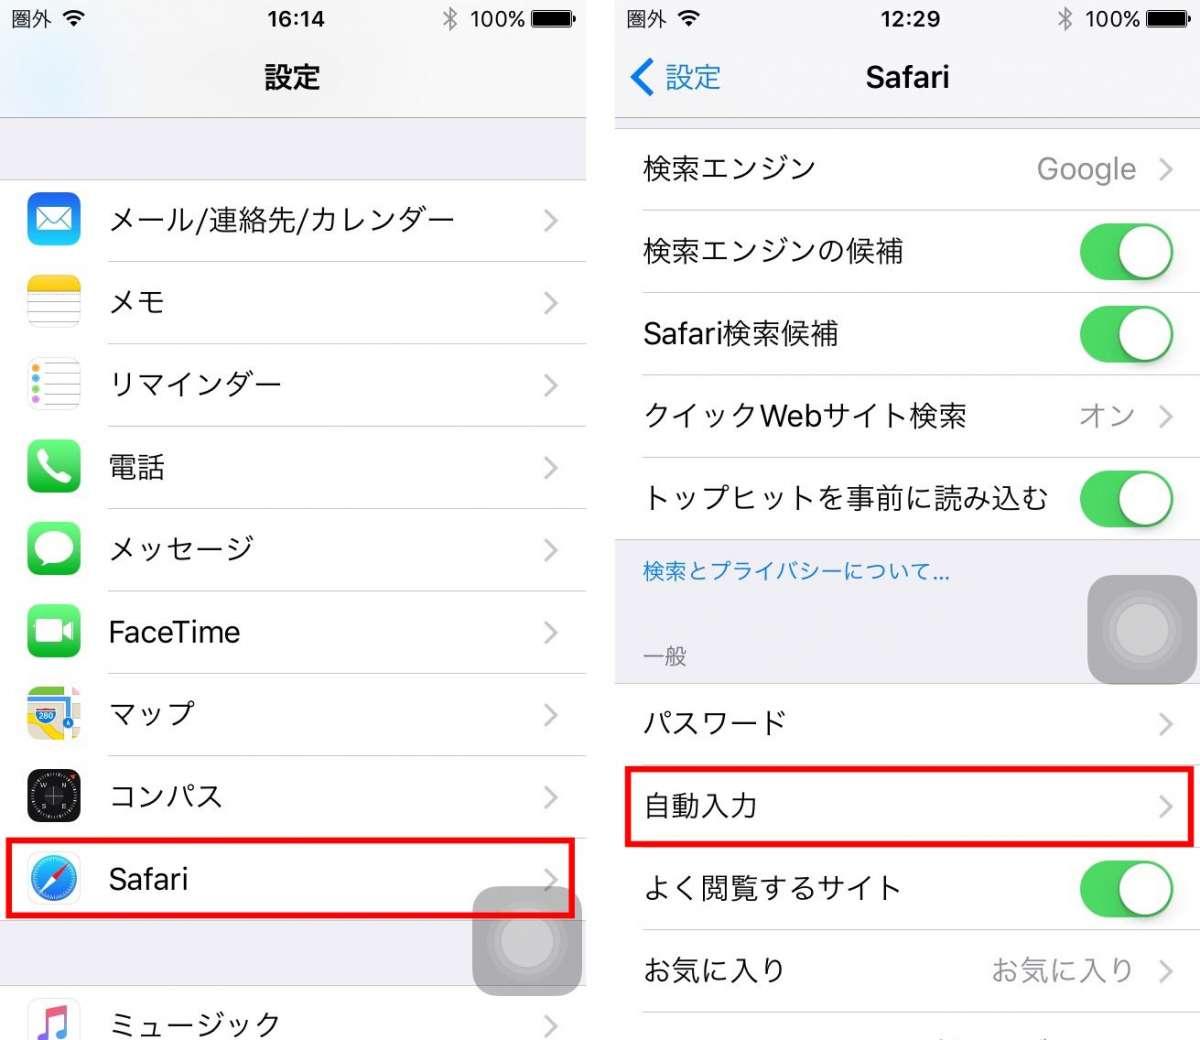 Safari  パスワード自動入力